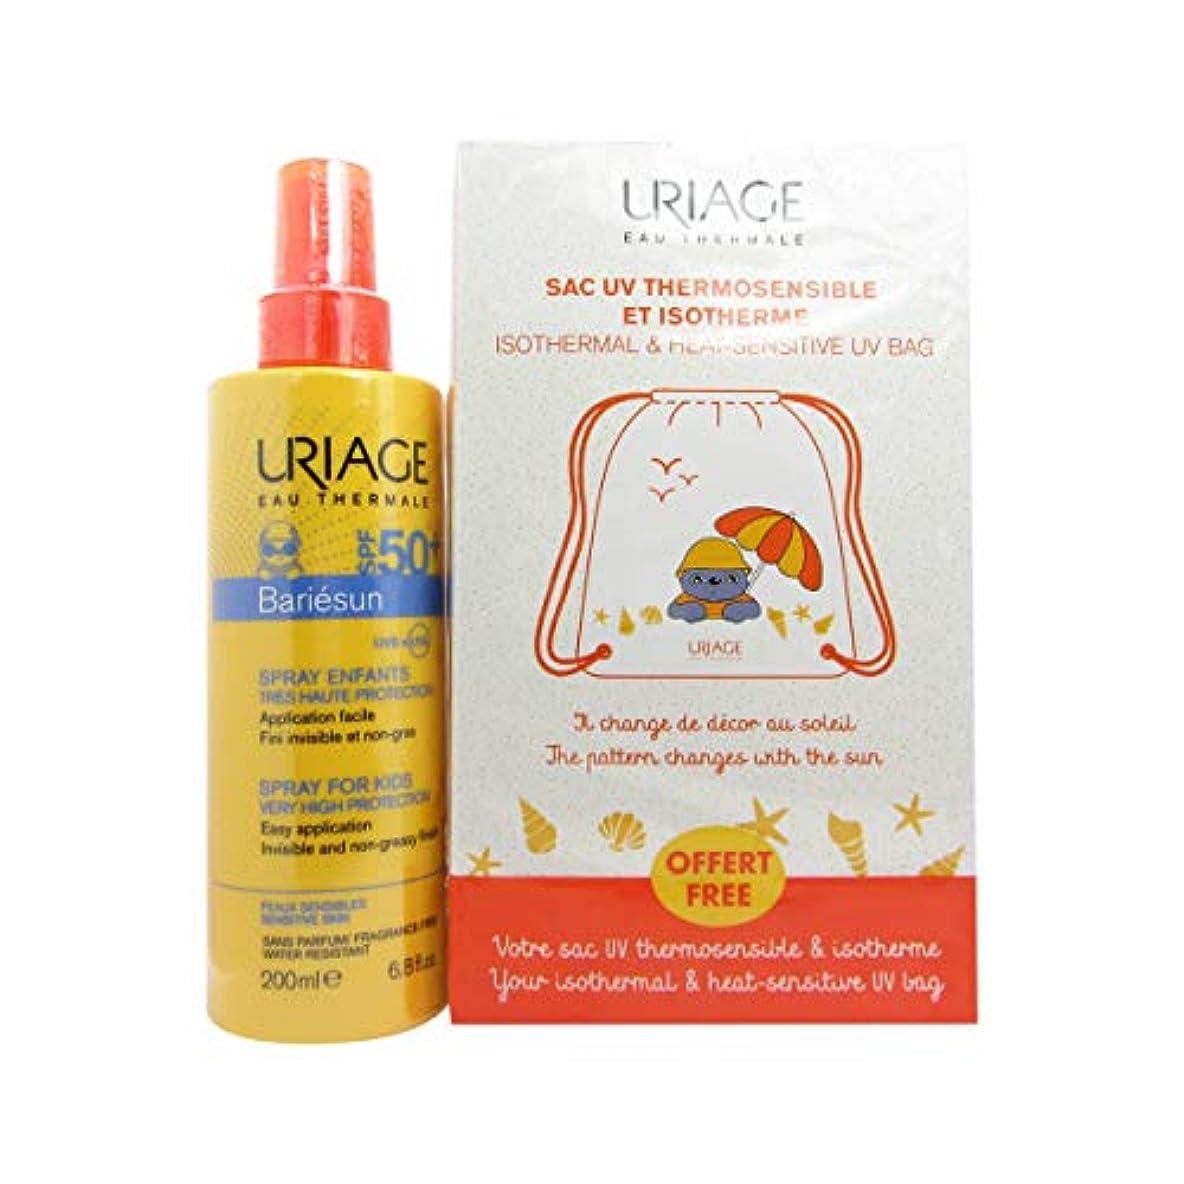 気分が良いファウルスタジアムUriage Bariesun Spray Children SPF50+ 200ml+Offer Isothermal & Heat-Sensitive UV Bag